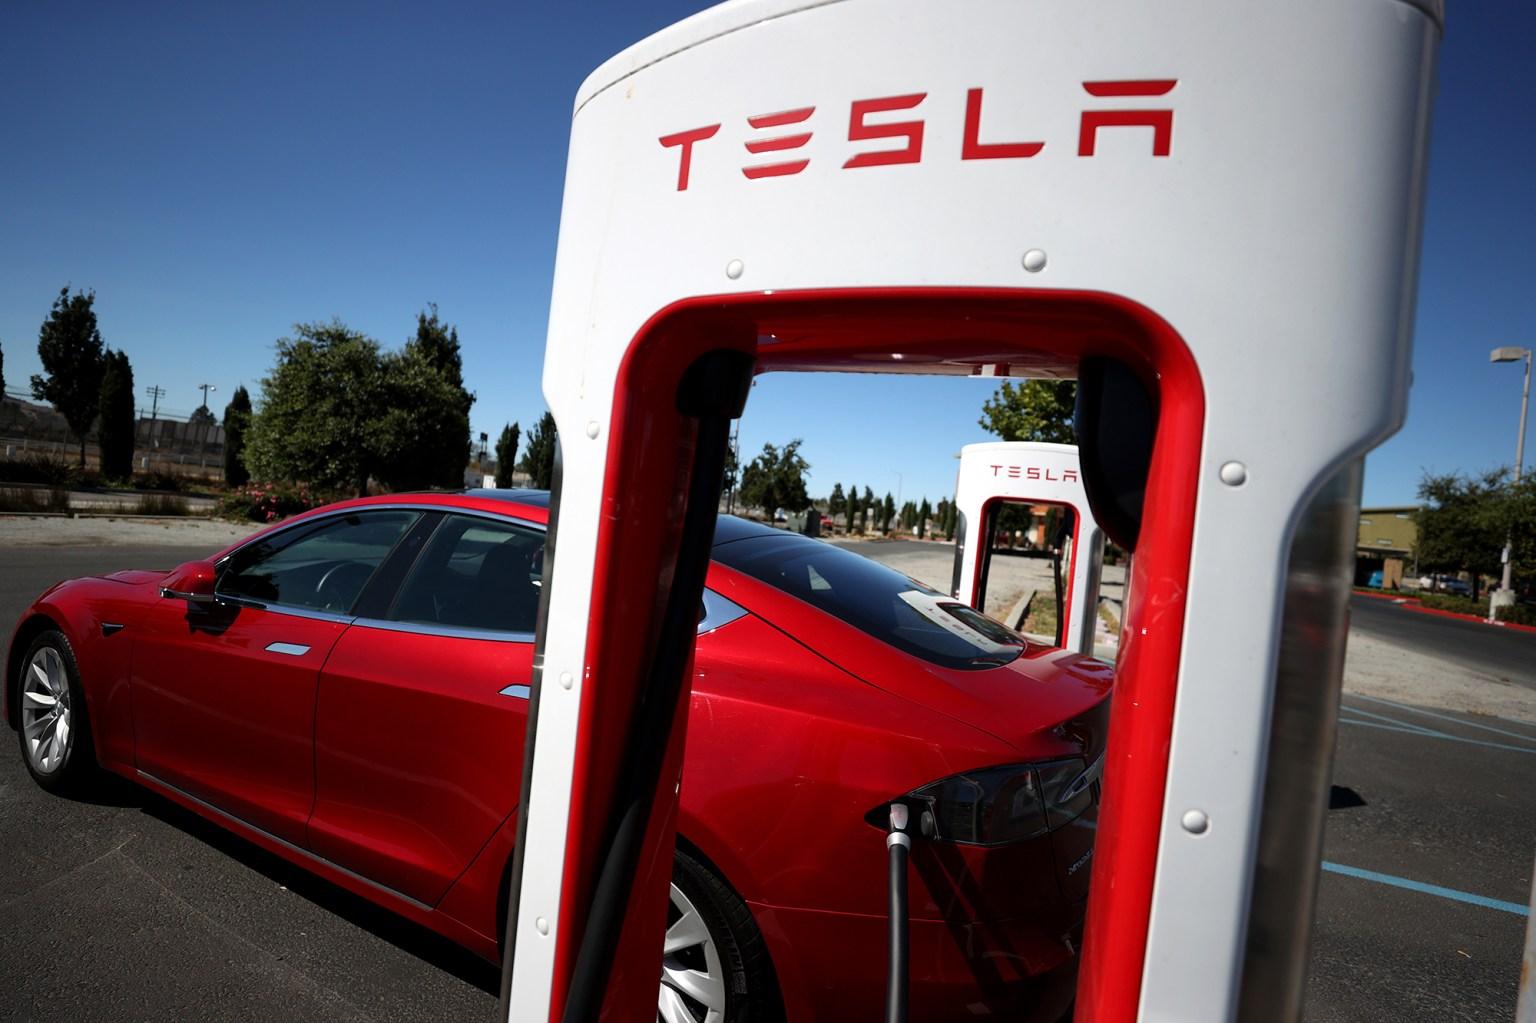 Tesla shares sink 7% despite record car sales